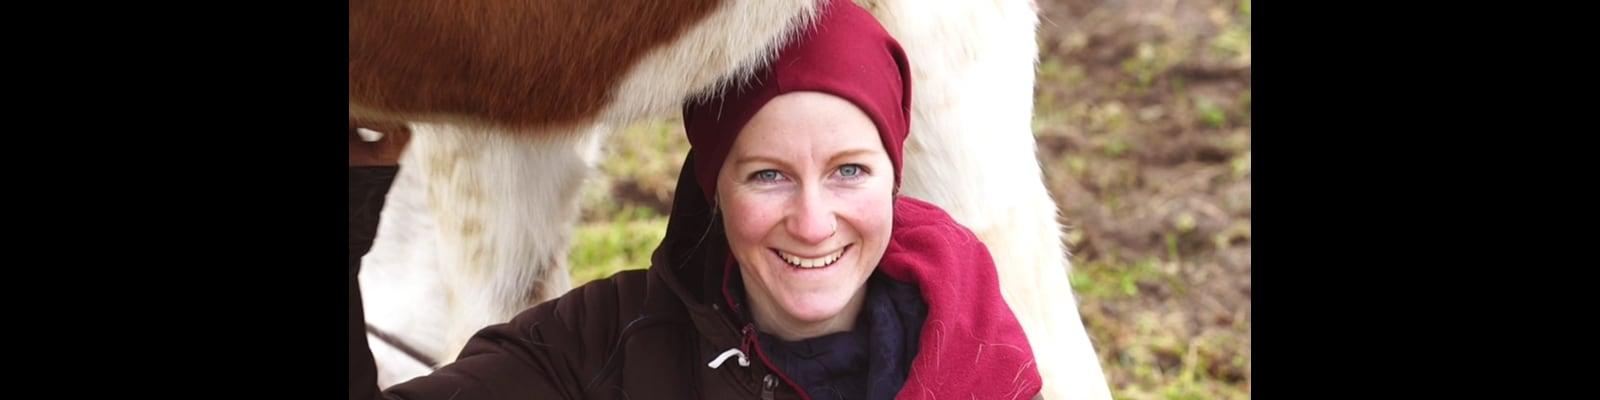 Jana Klar